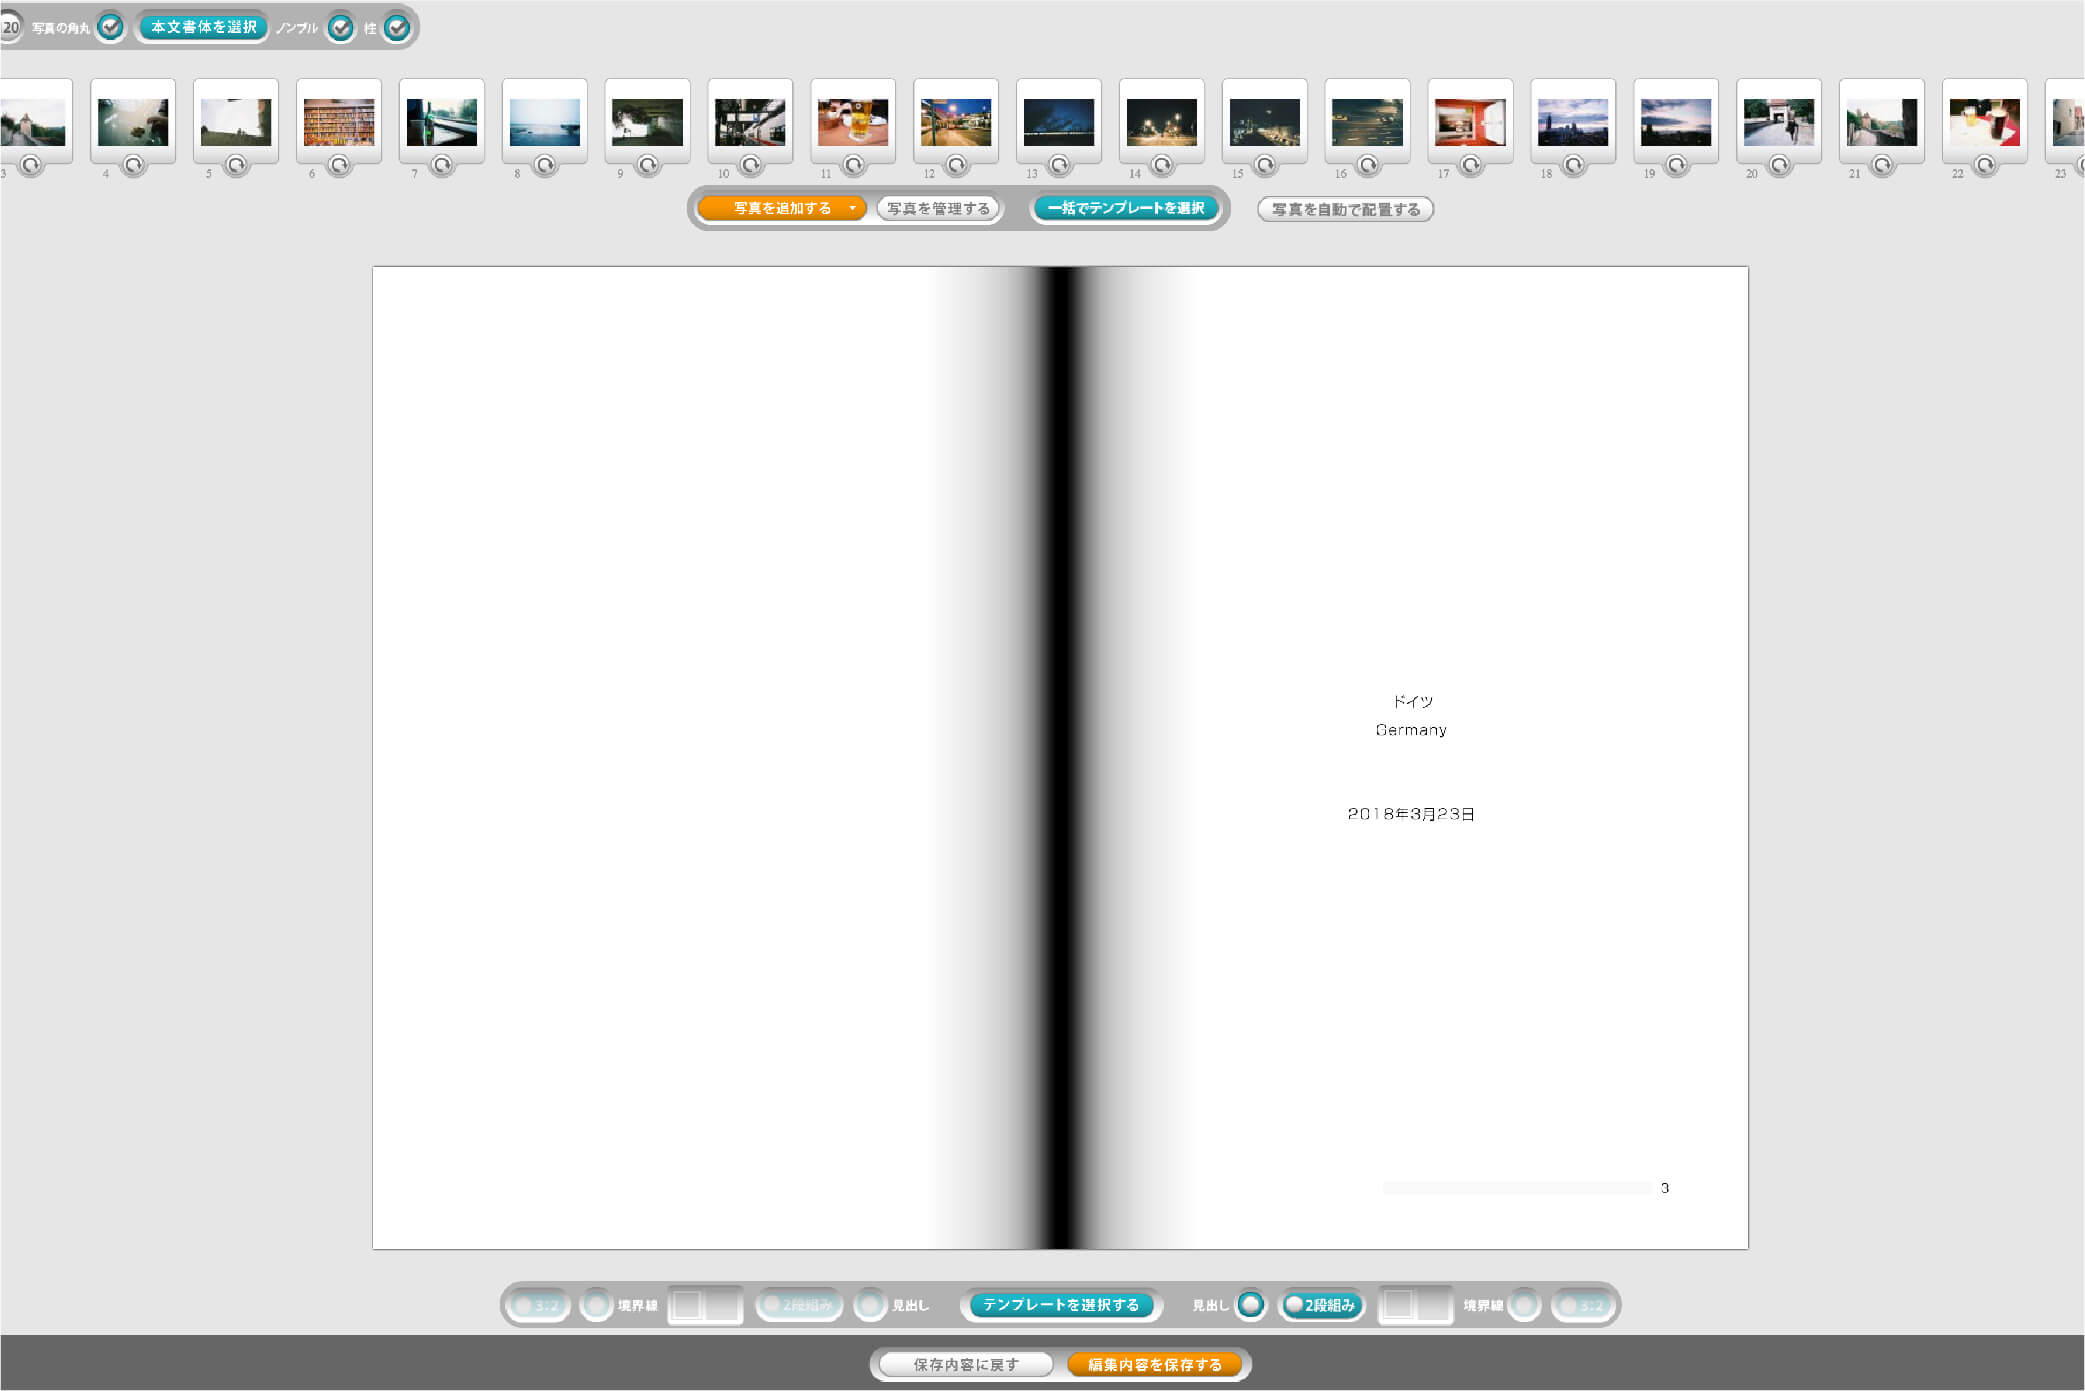 文字の部分をクリックし、「読んでいただいた方へ」のメッセージを記しましょう。